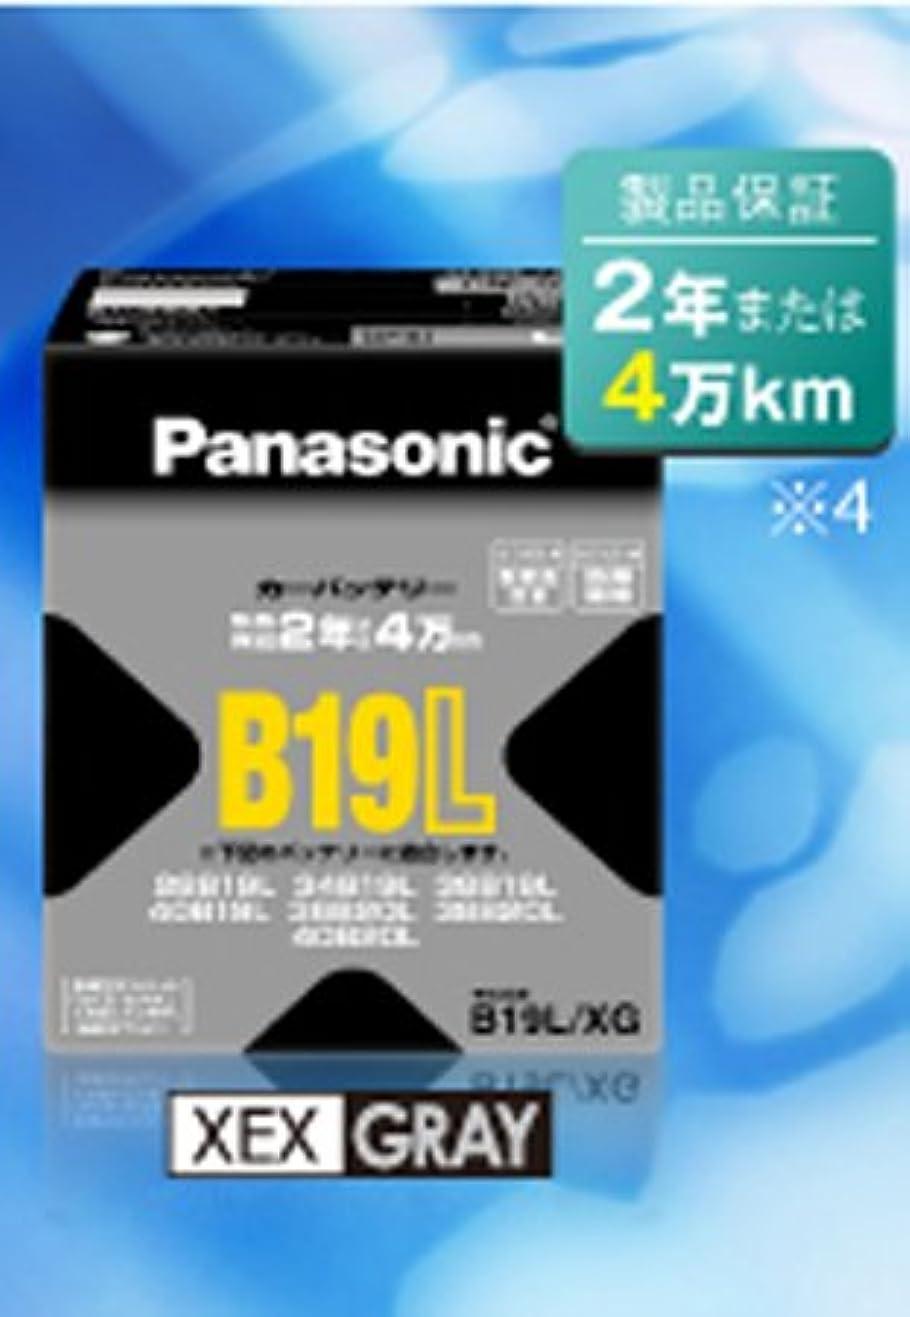 ファーム指定花瓶D26R/XG パナソニックバッテリー〔2年又は4万km保証〕《4984824380455》